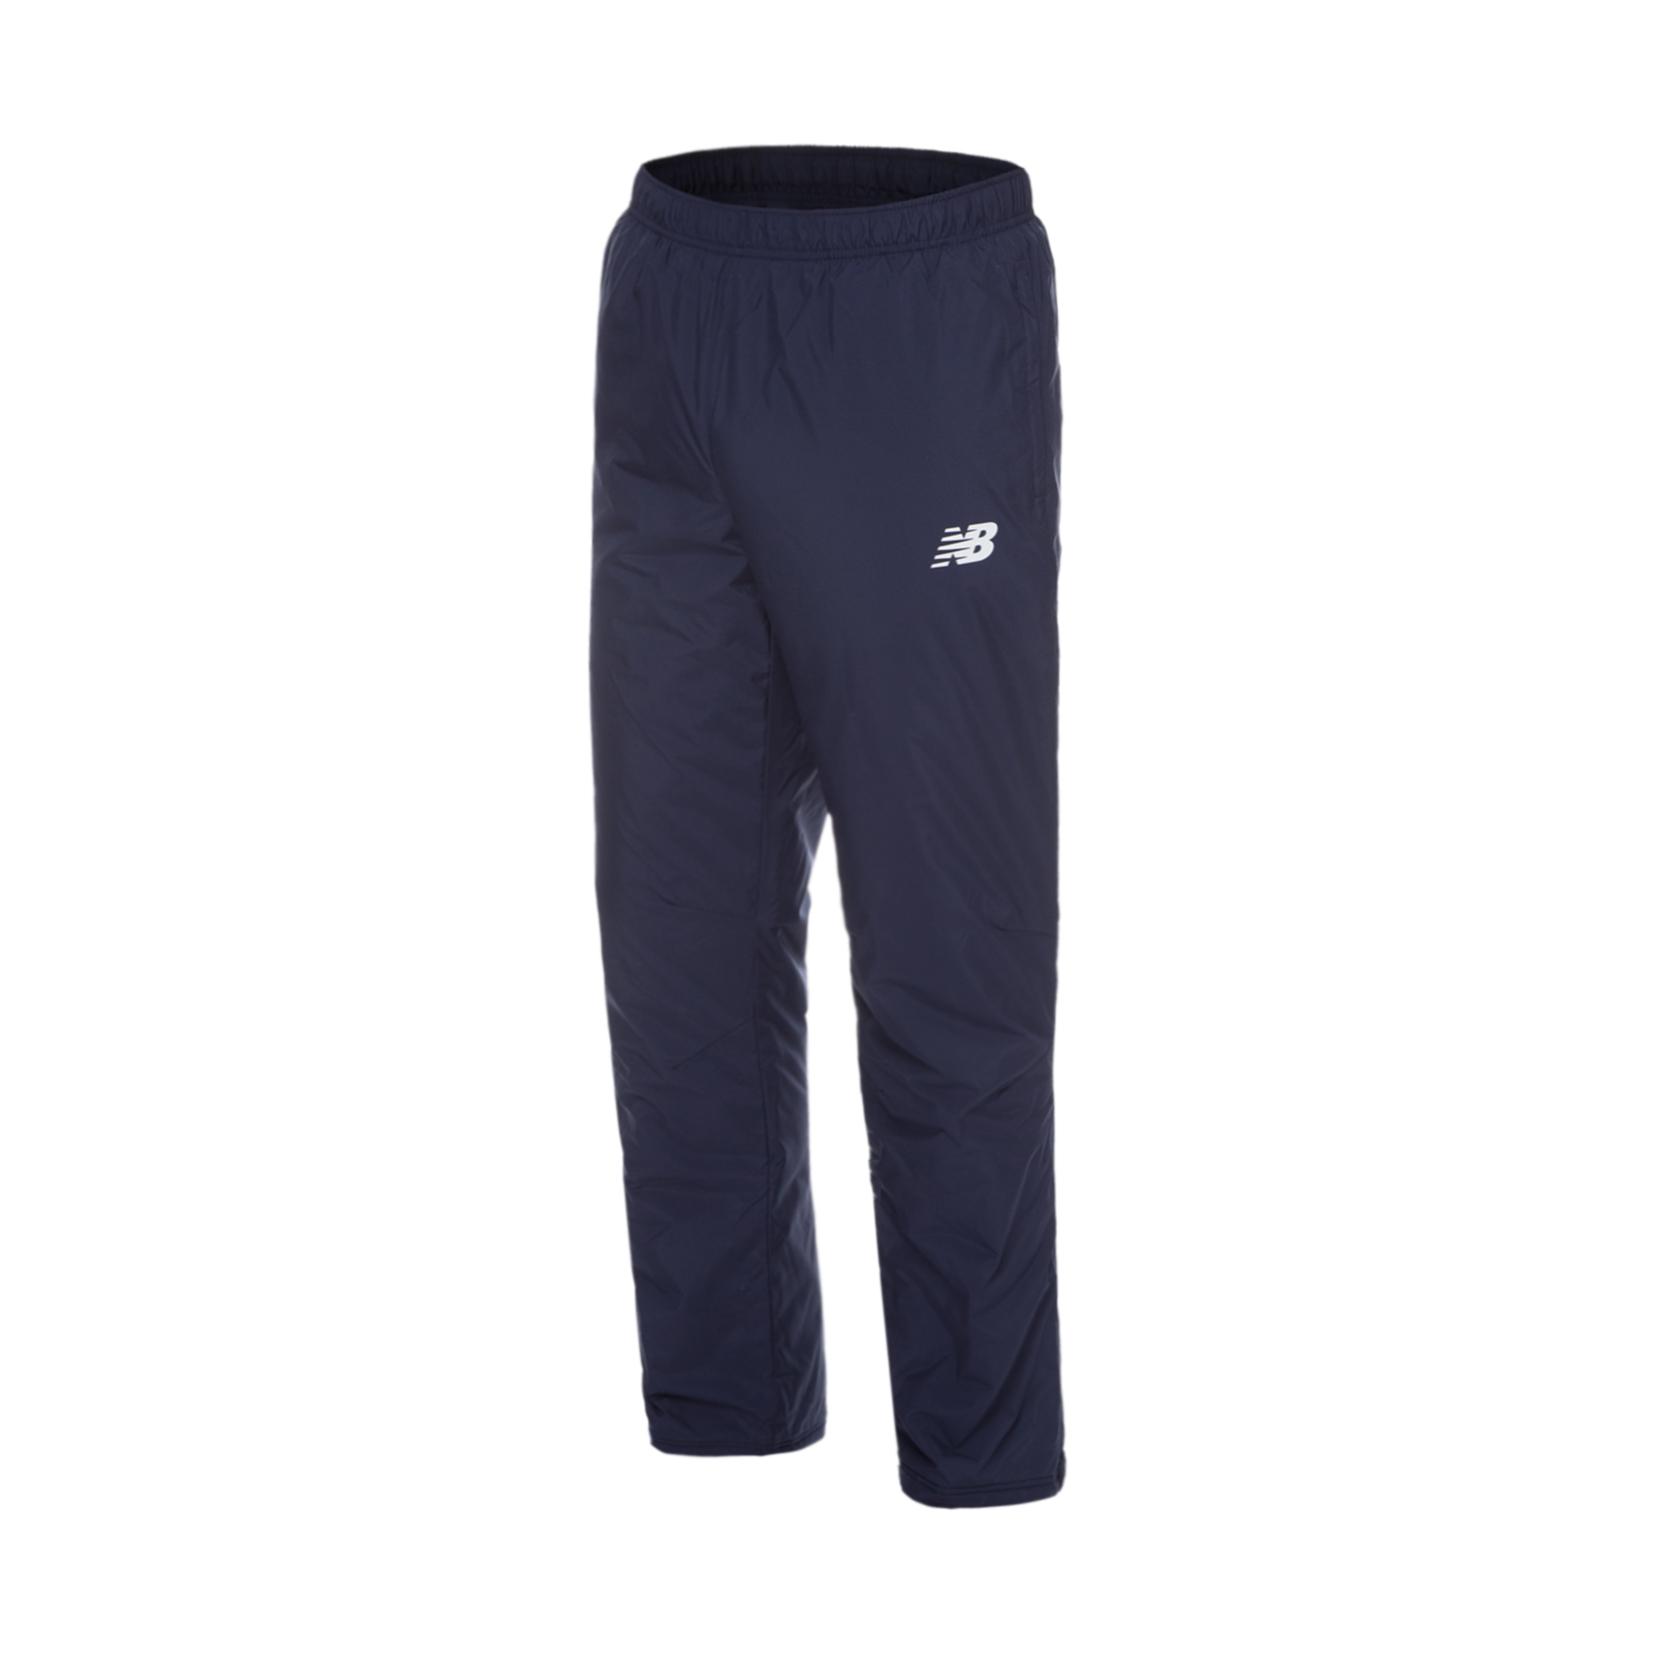 Зимові спортивні брюки для чоловіків MP931525NV | New Balance